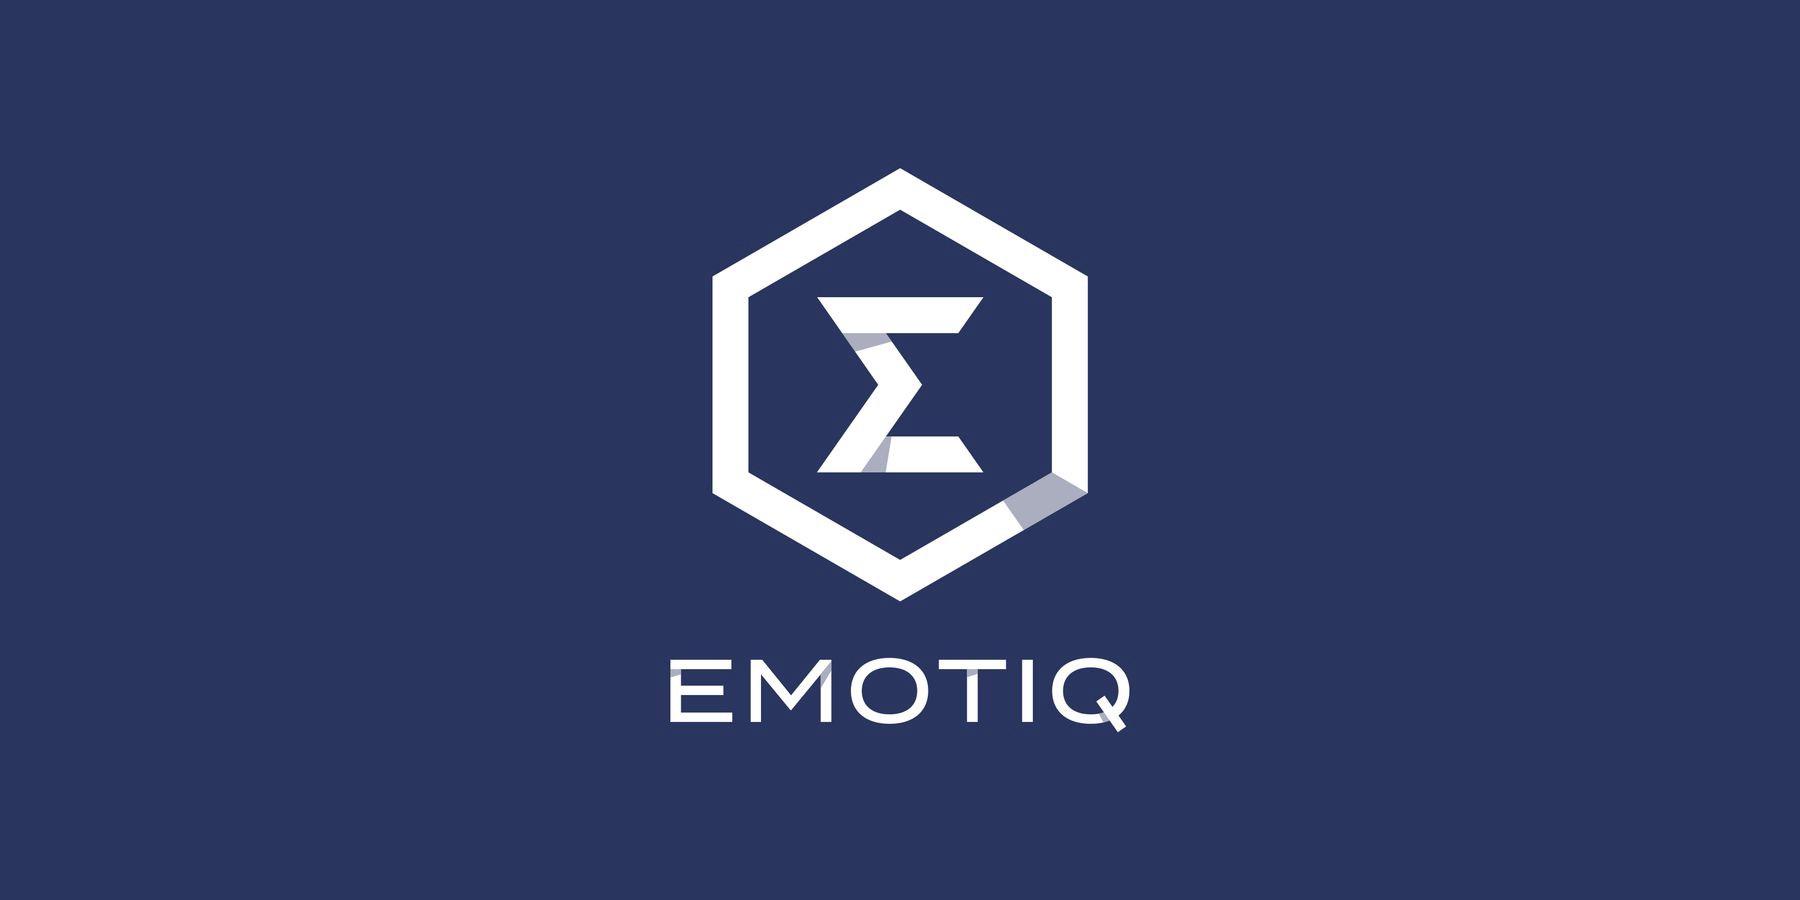 /emotiq-the-latest-blockchain-3-0-straight-outta-cryptovalley-e49544c5b23d feature image